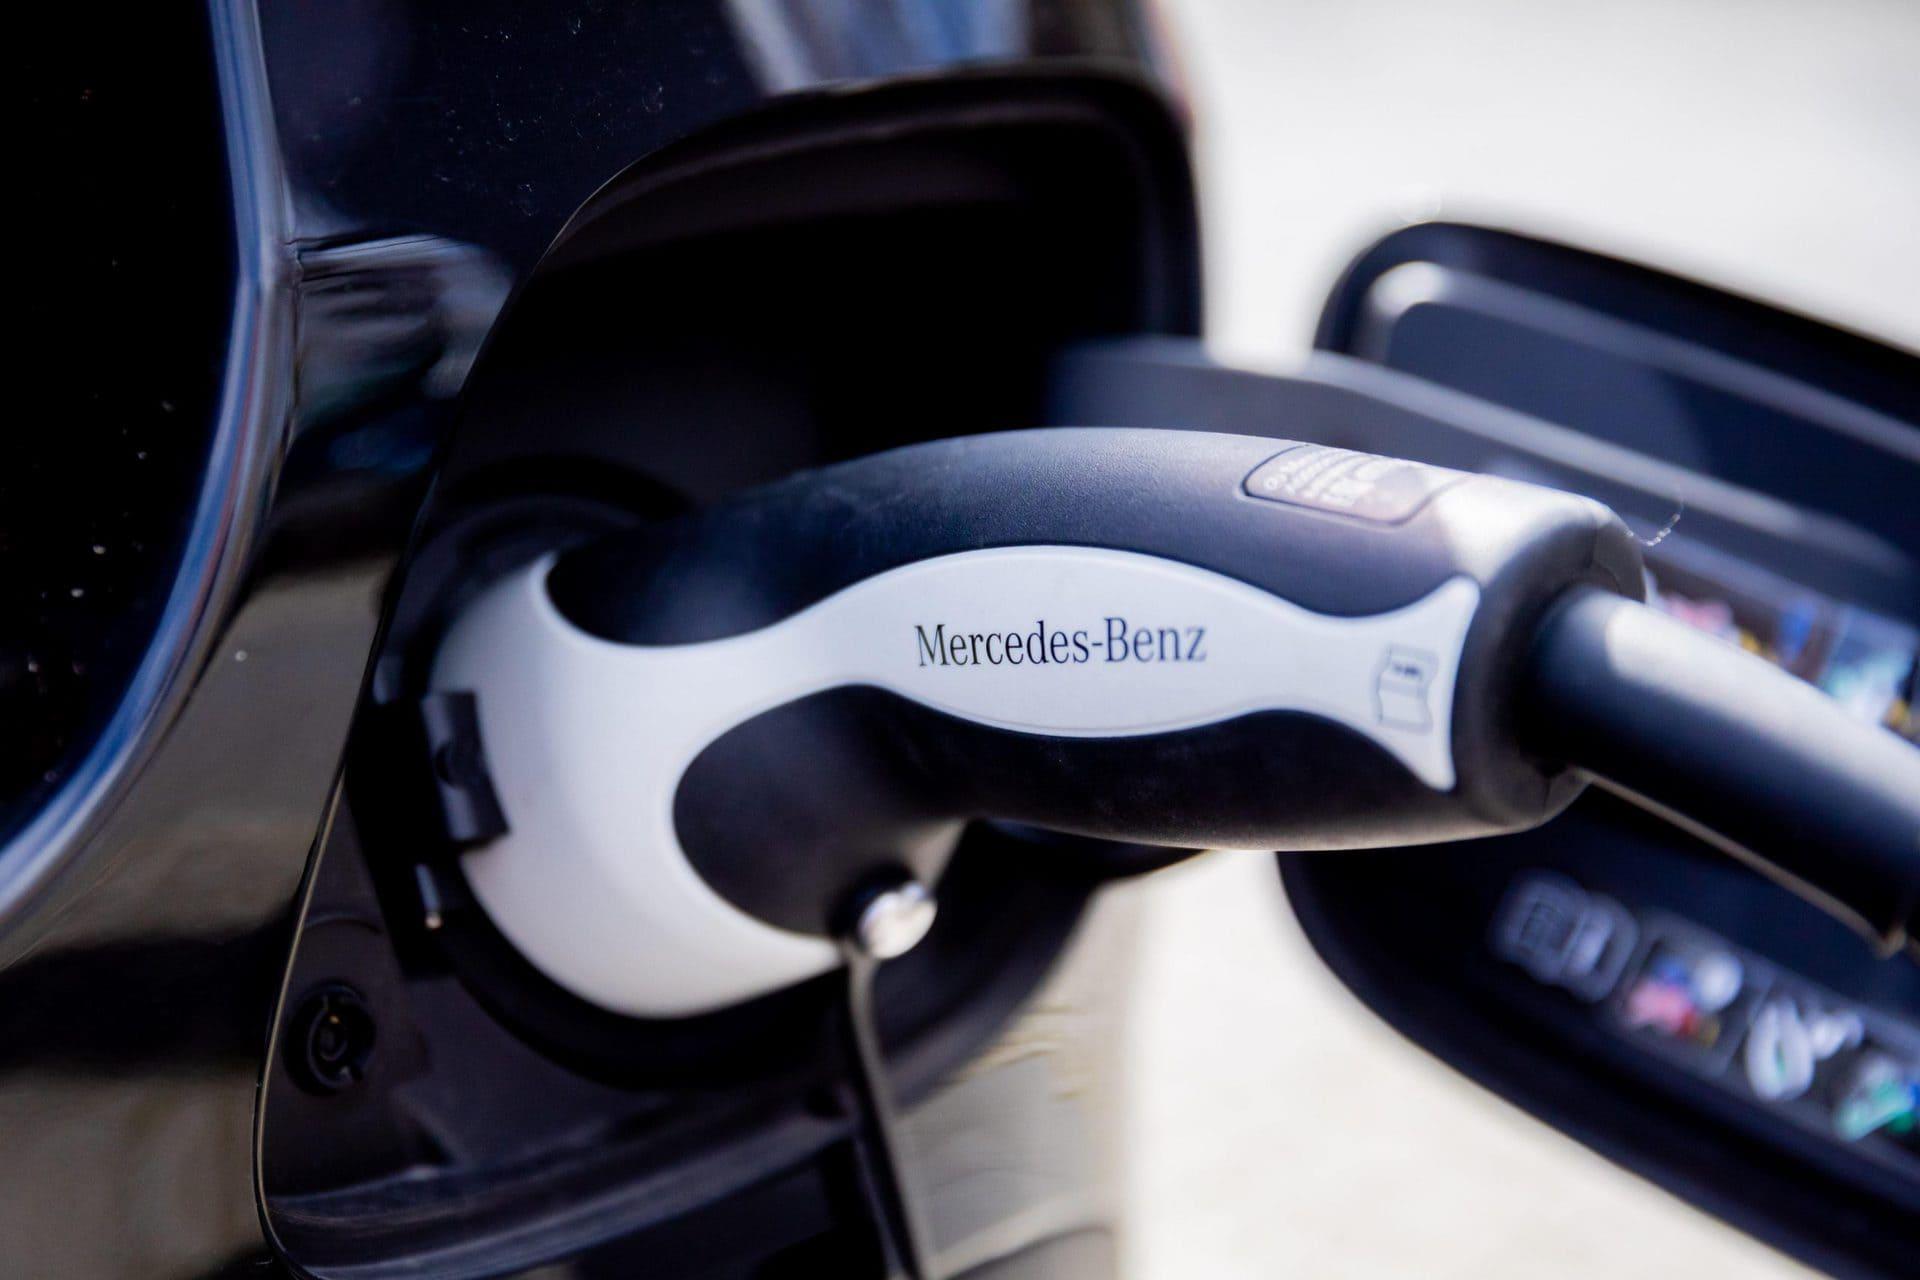 Mercedes verabschiedet den Verbrennungsmotor Autobauer